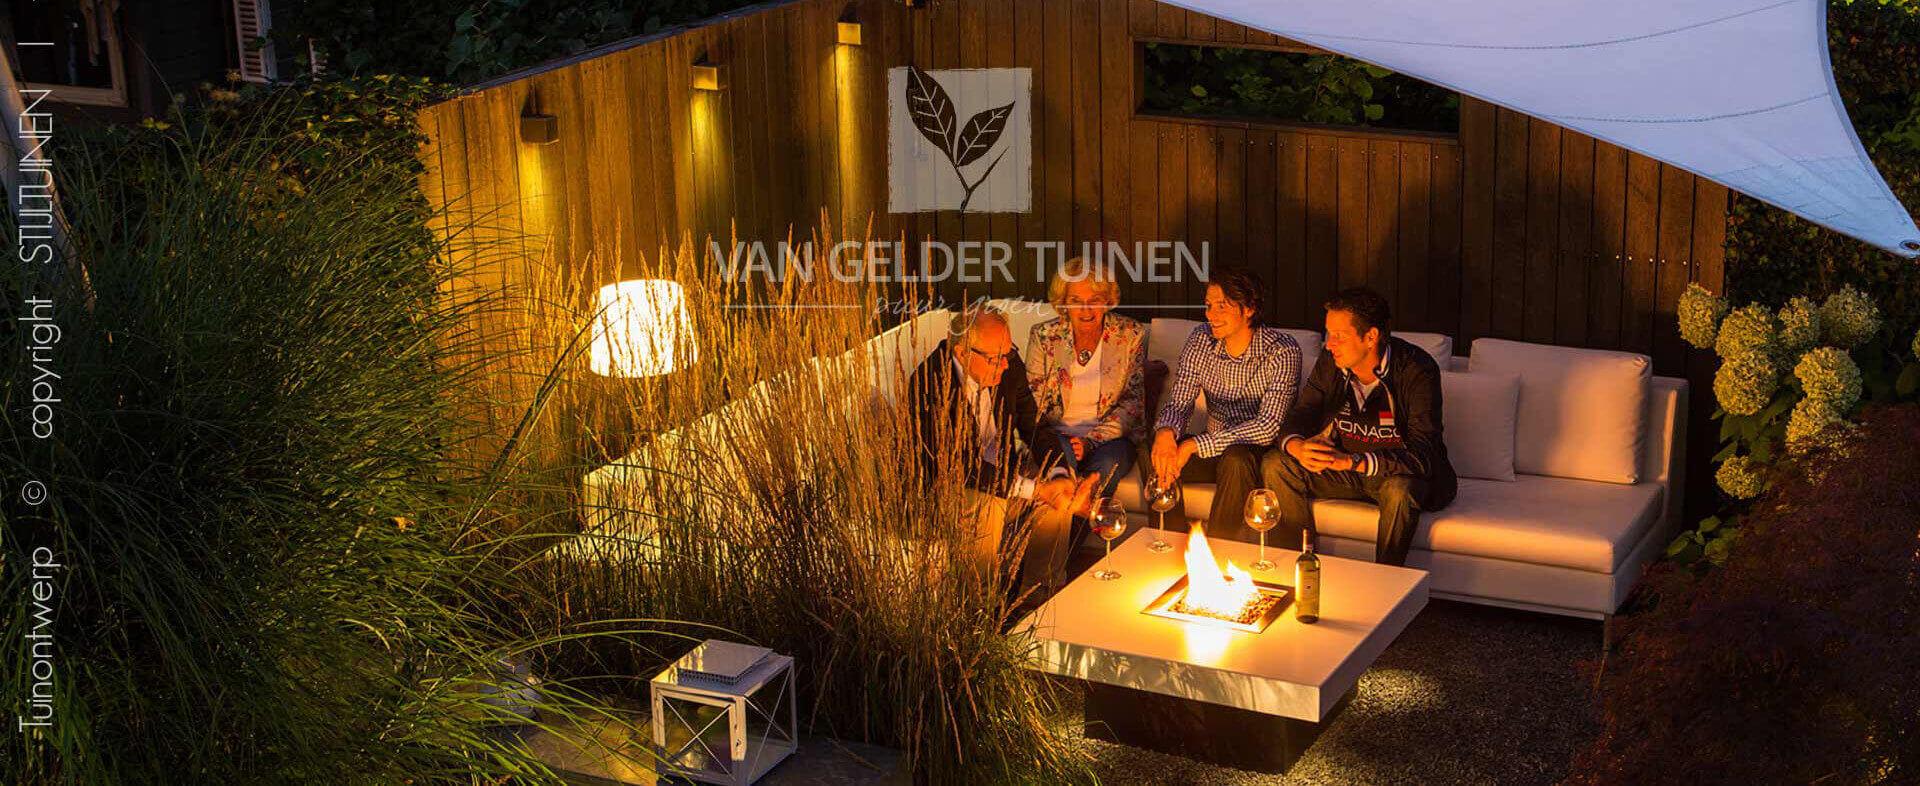 sfeervole achtertuin ontworpen door Van Gelder Tuinen